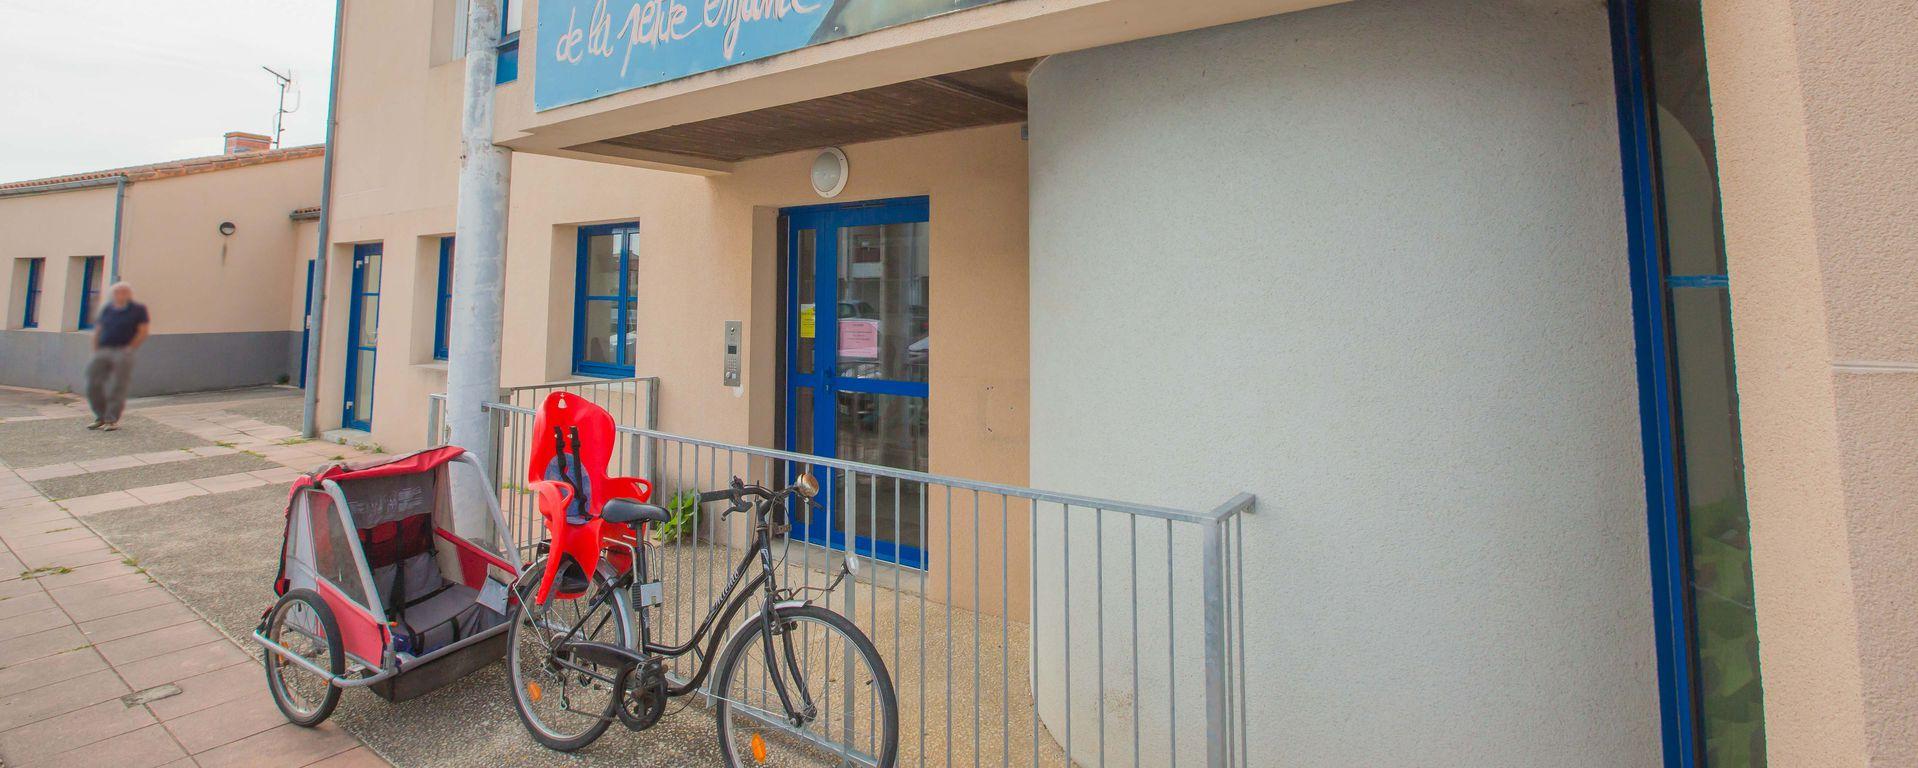 Local de la Maison de la Petite Enfance (Copyright - Mairie de Dompierre sur Mer)